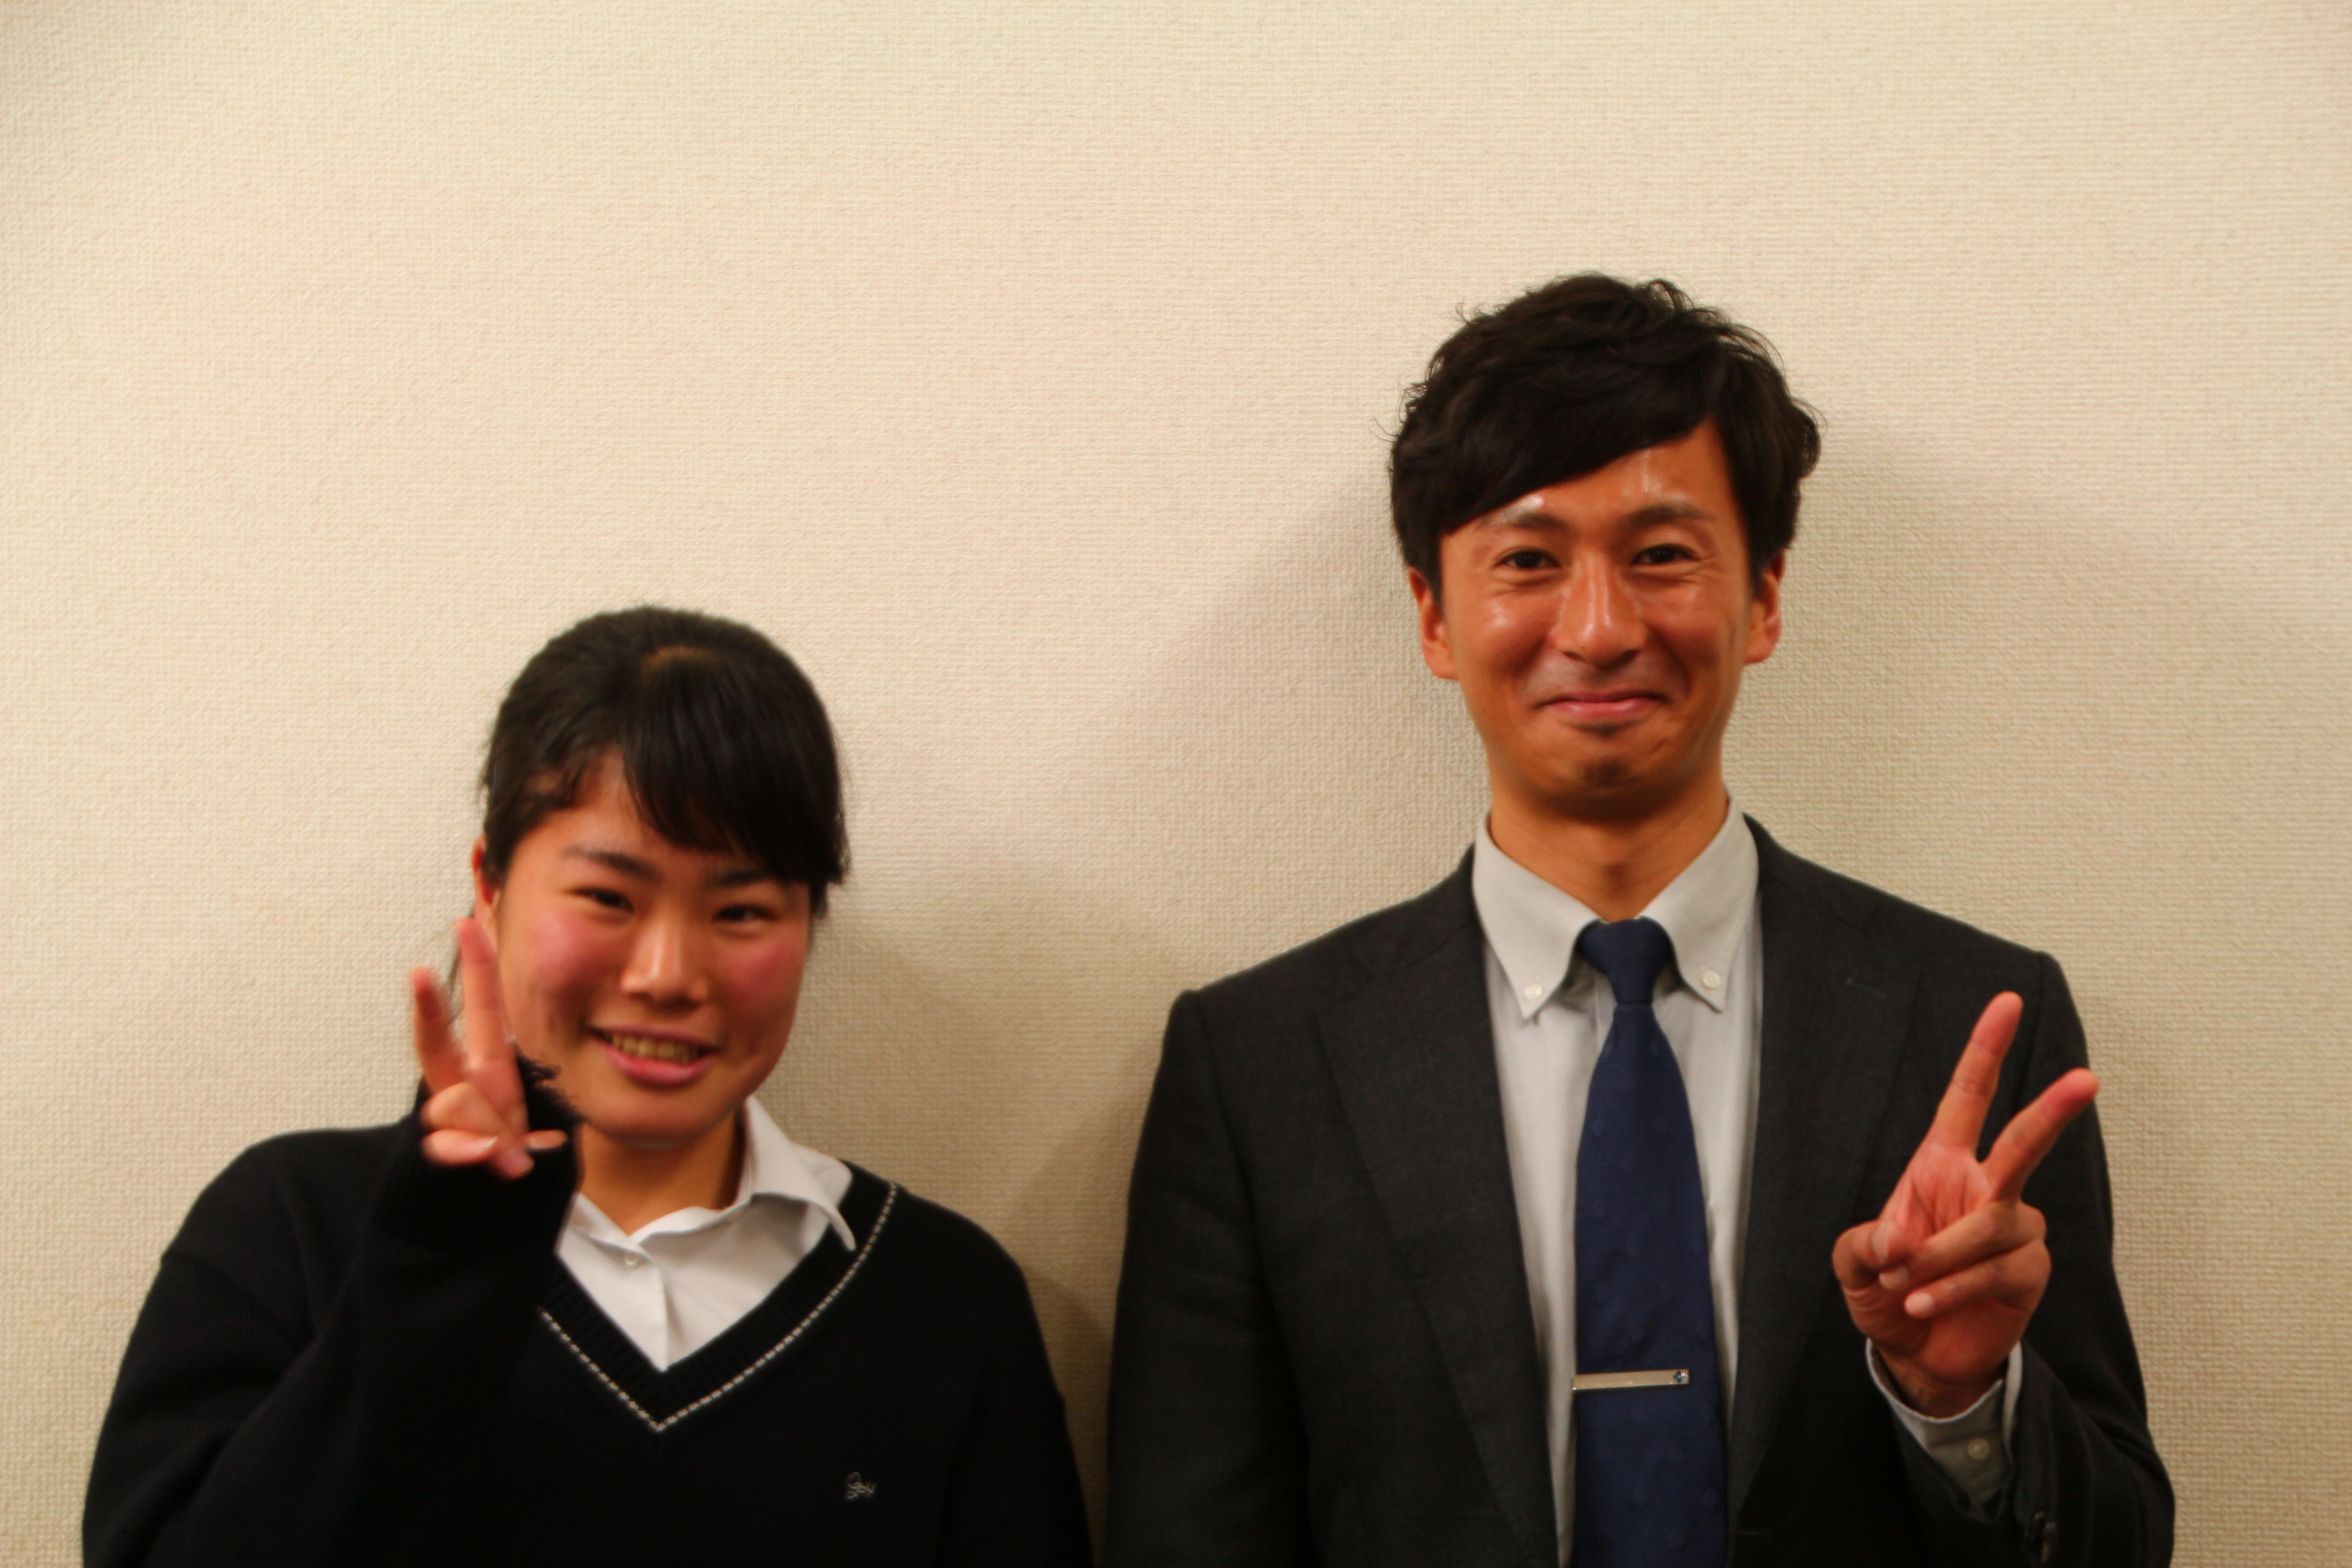 高山 凜さん(恩方中学校→松が谷高校)